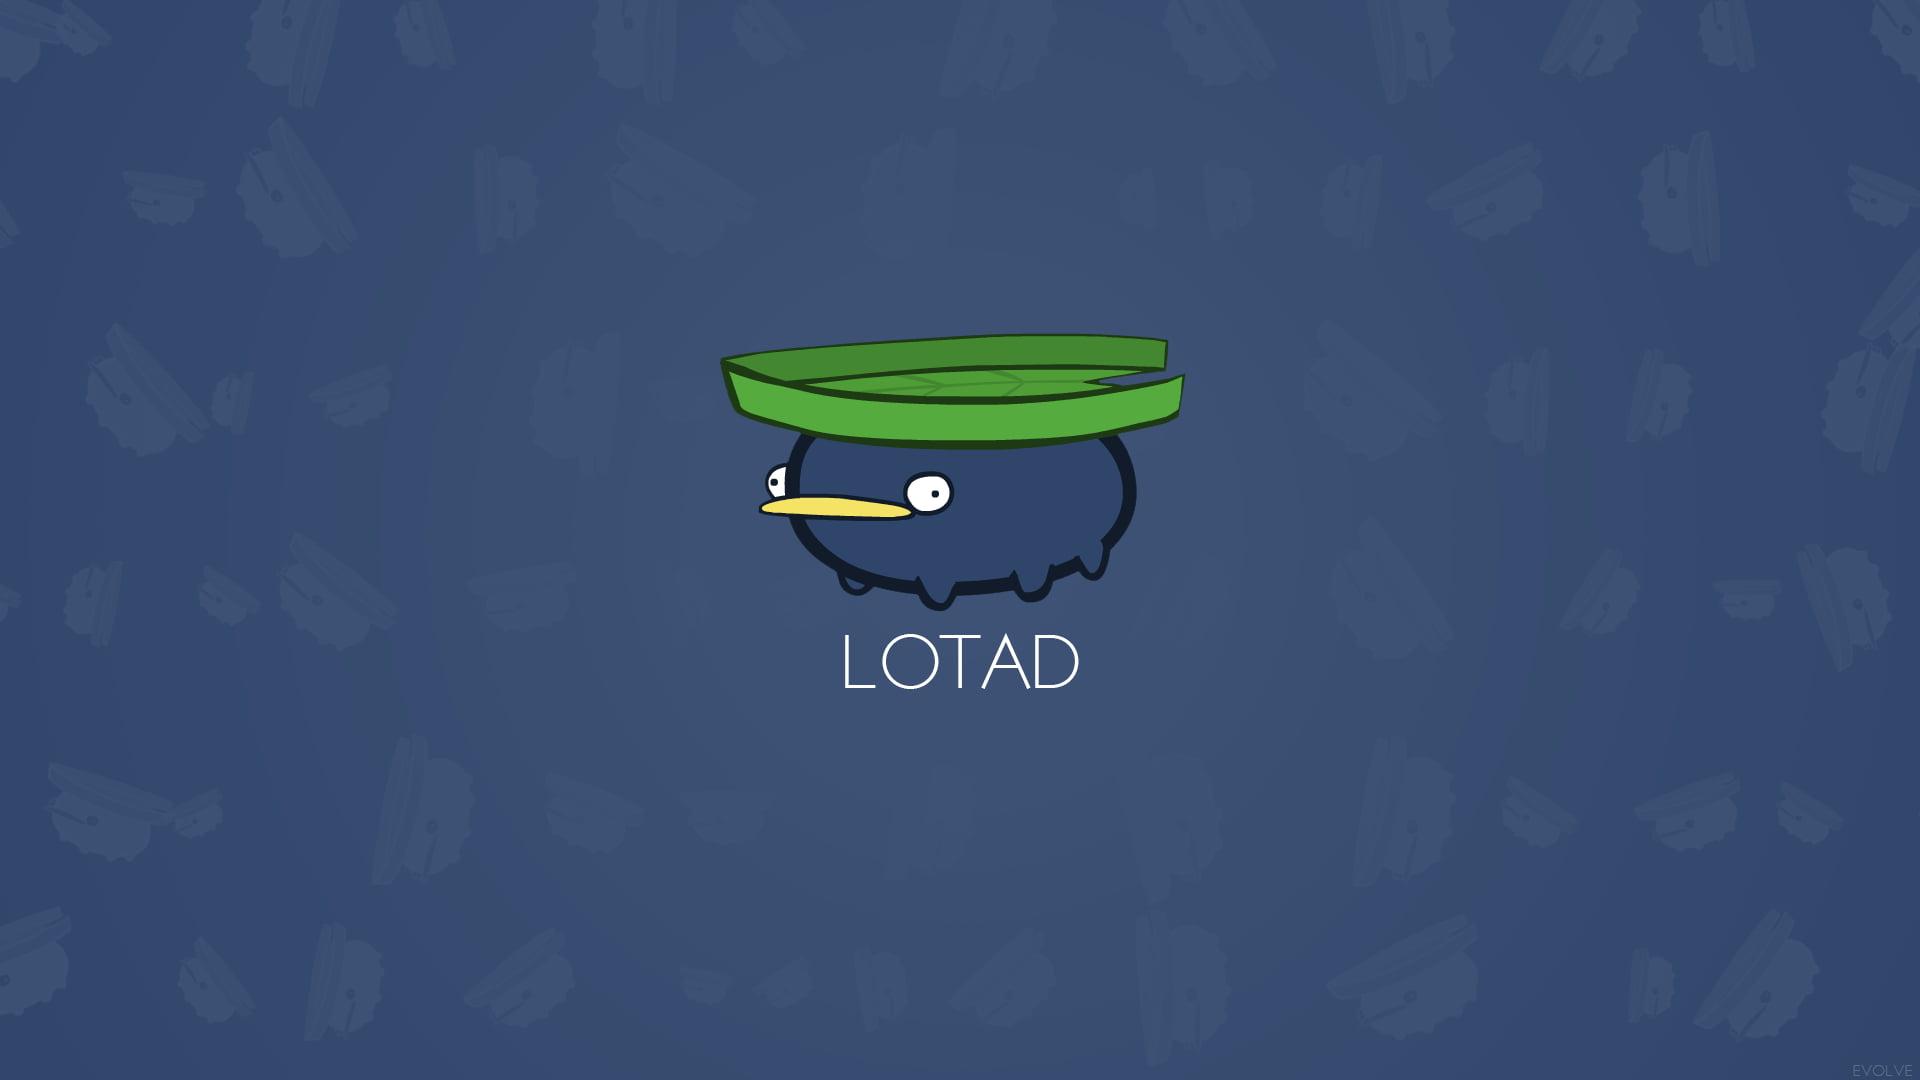 Lotad emoji illustration Lotad Pokmon HD wallpaper Wallpaper 1920x1080